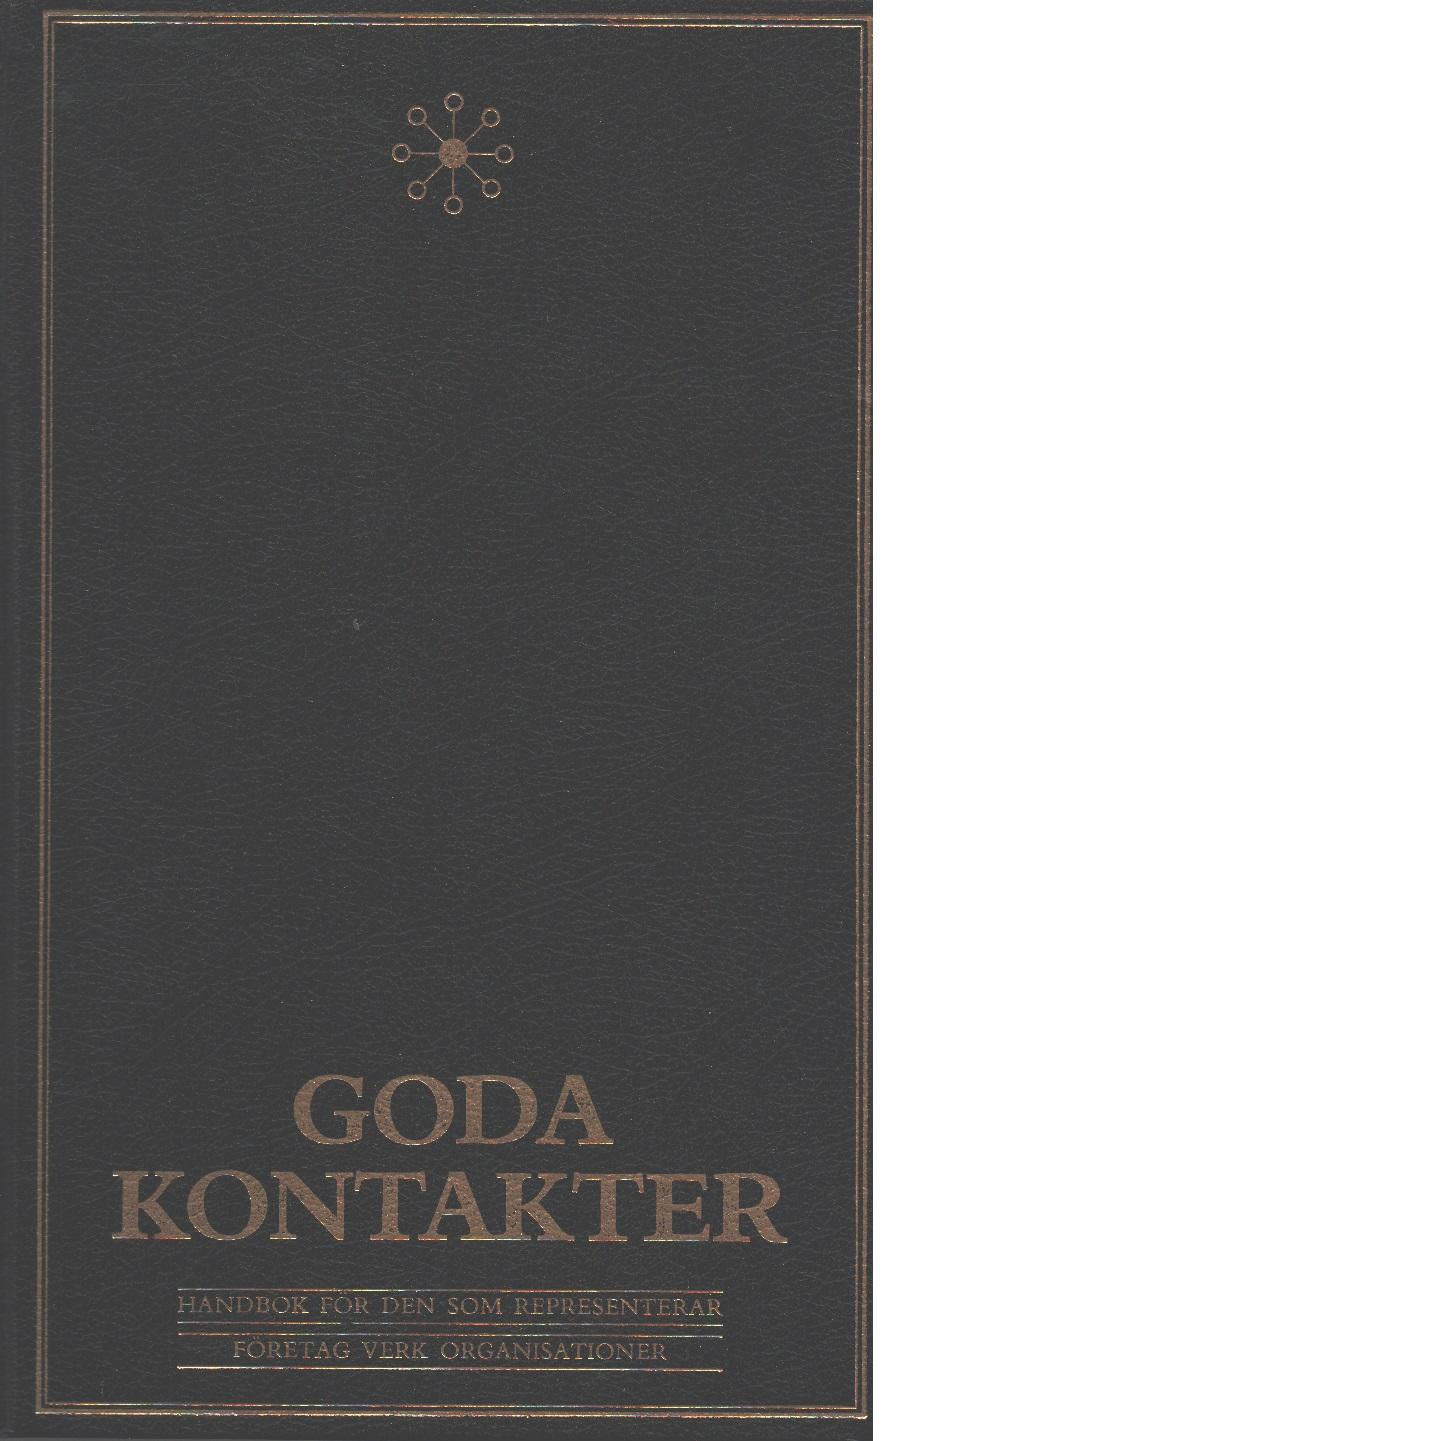 Goda kontakter : handbok för den som representerar företag, verk, organisationer - Auby, Jan